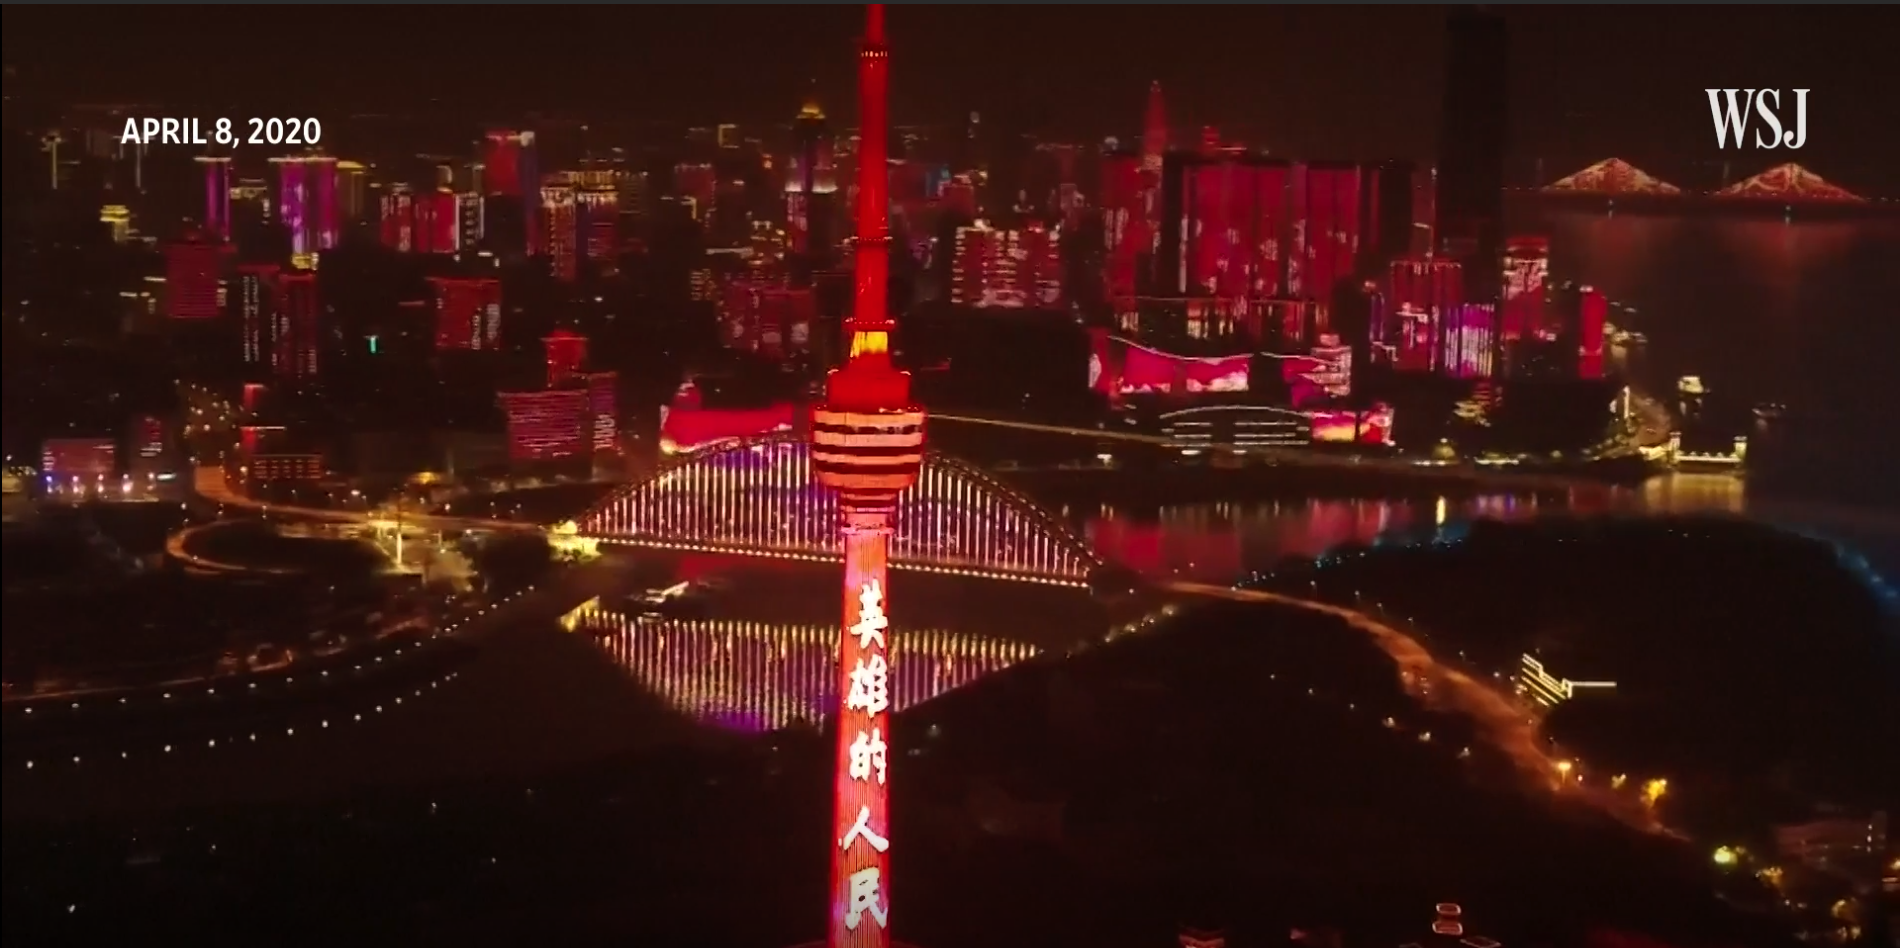 武漢走出疫情陰影 十月成熱門旅遊景點